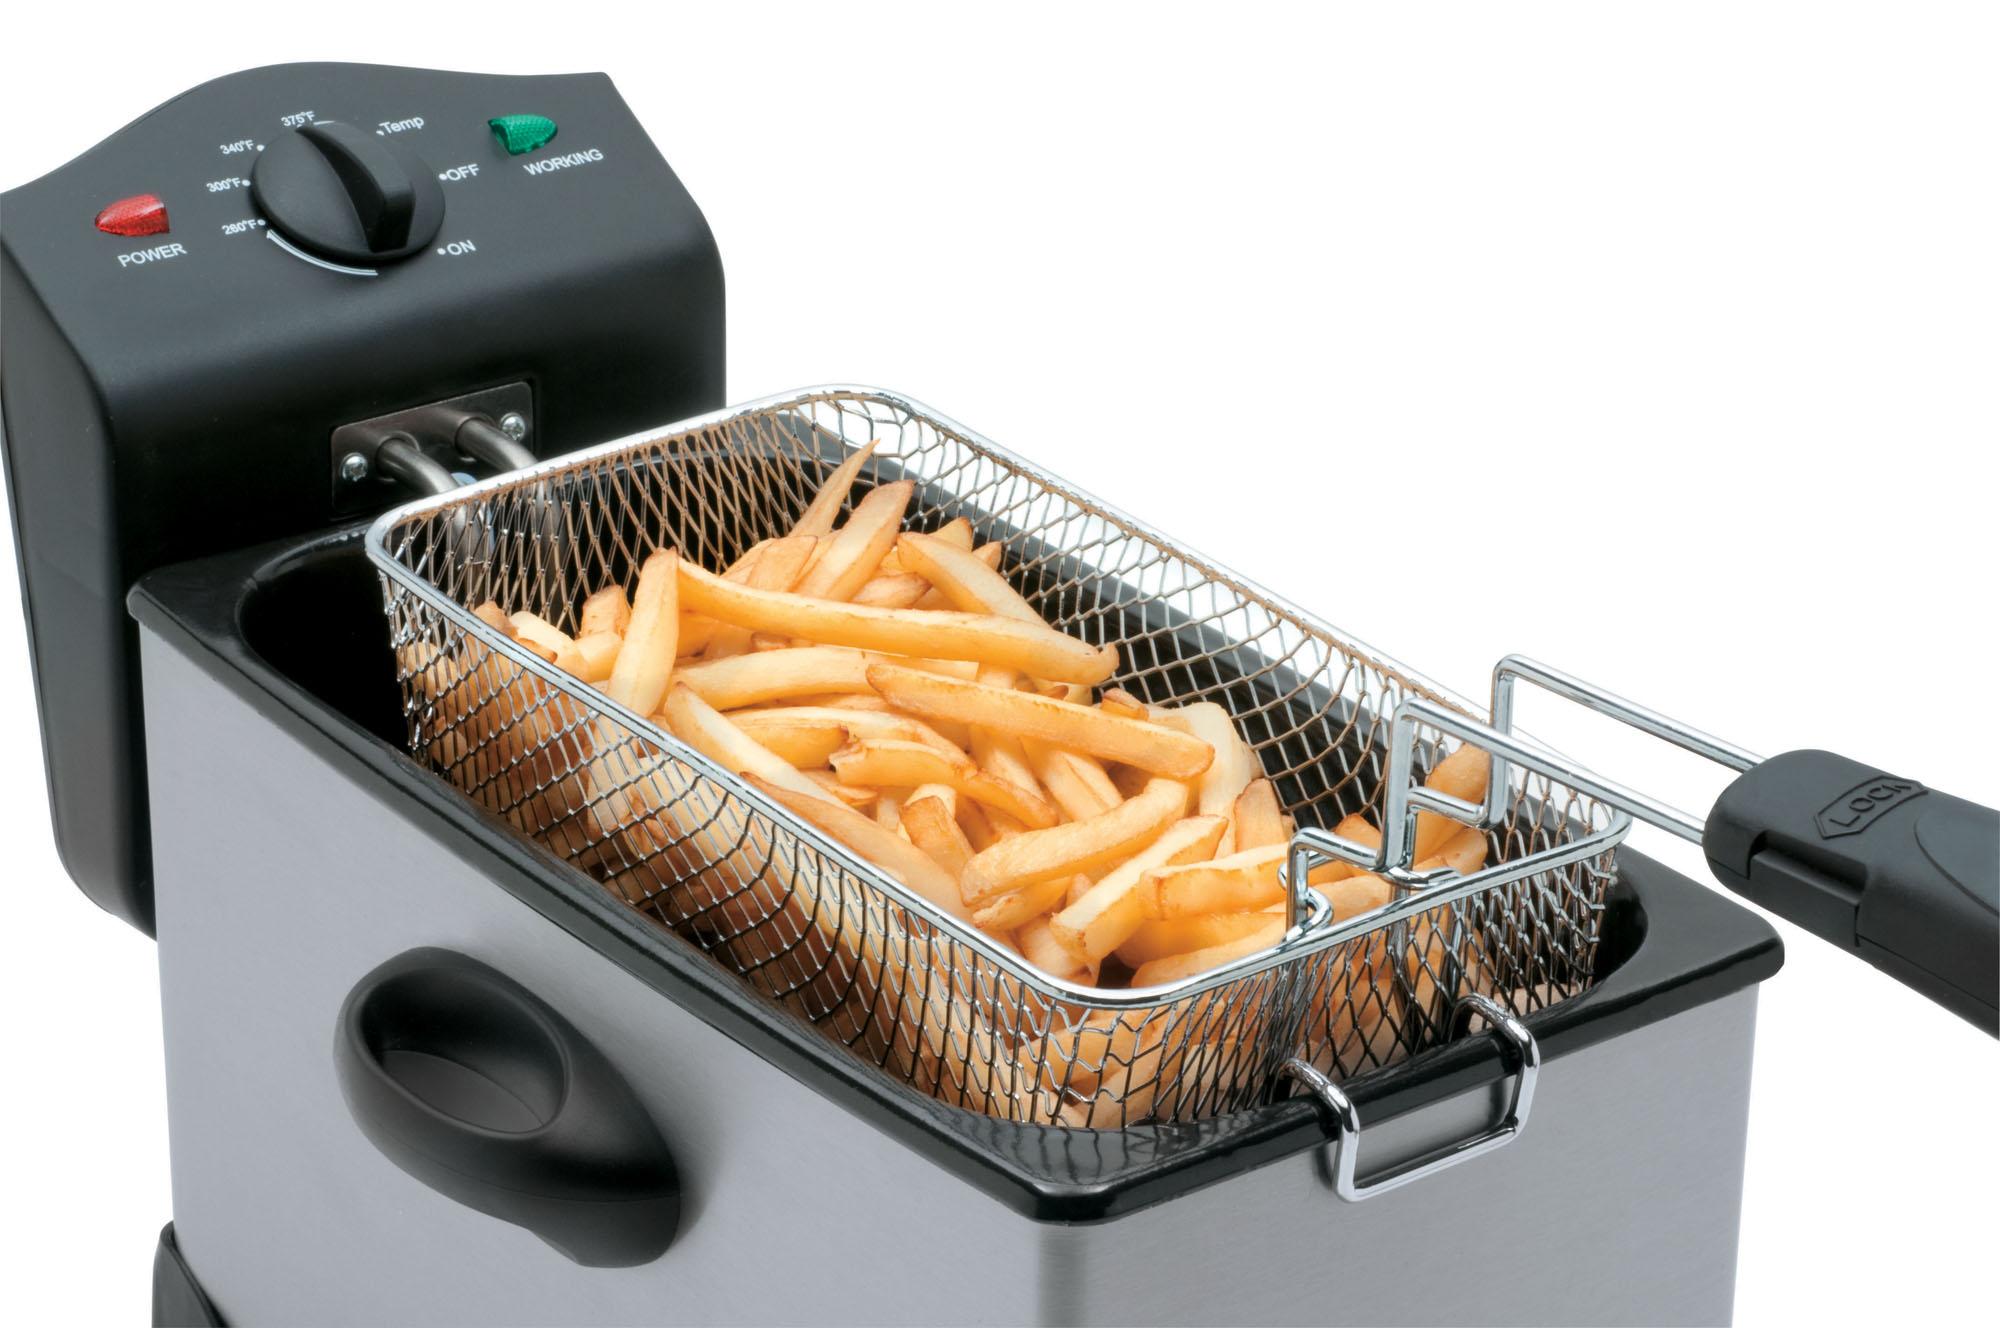 deep fryer - easy clean